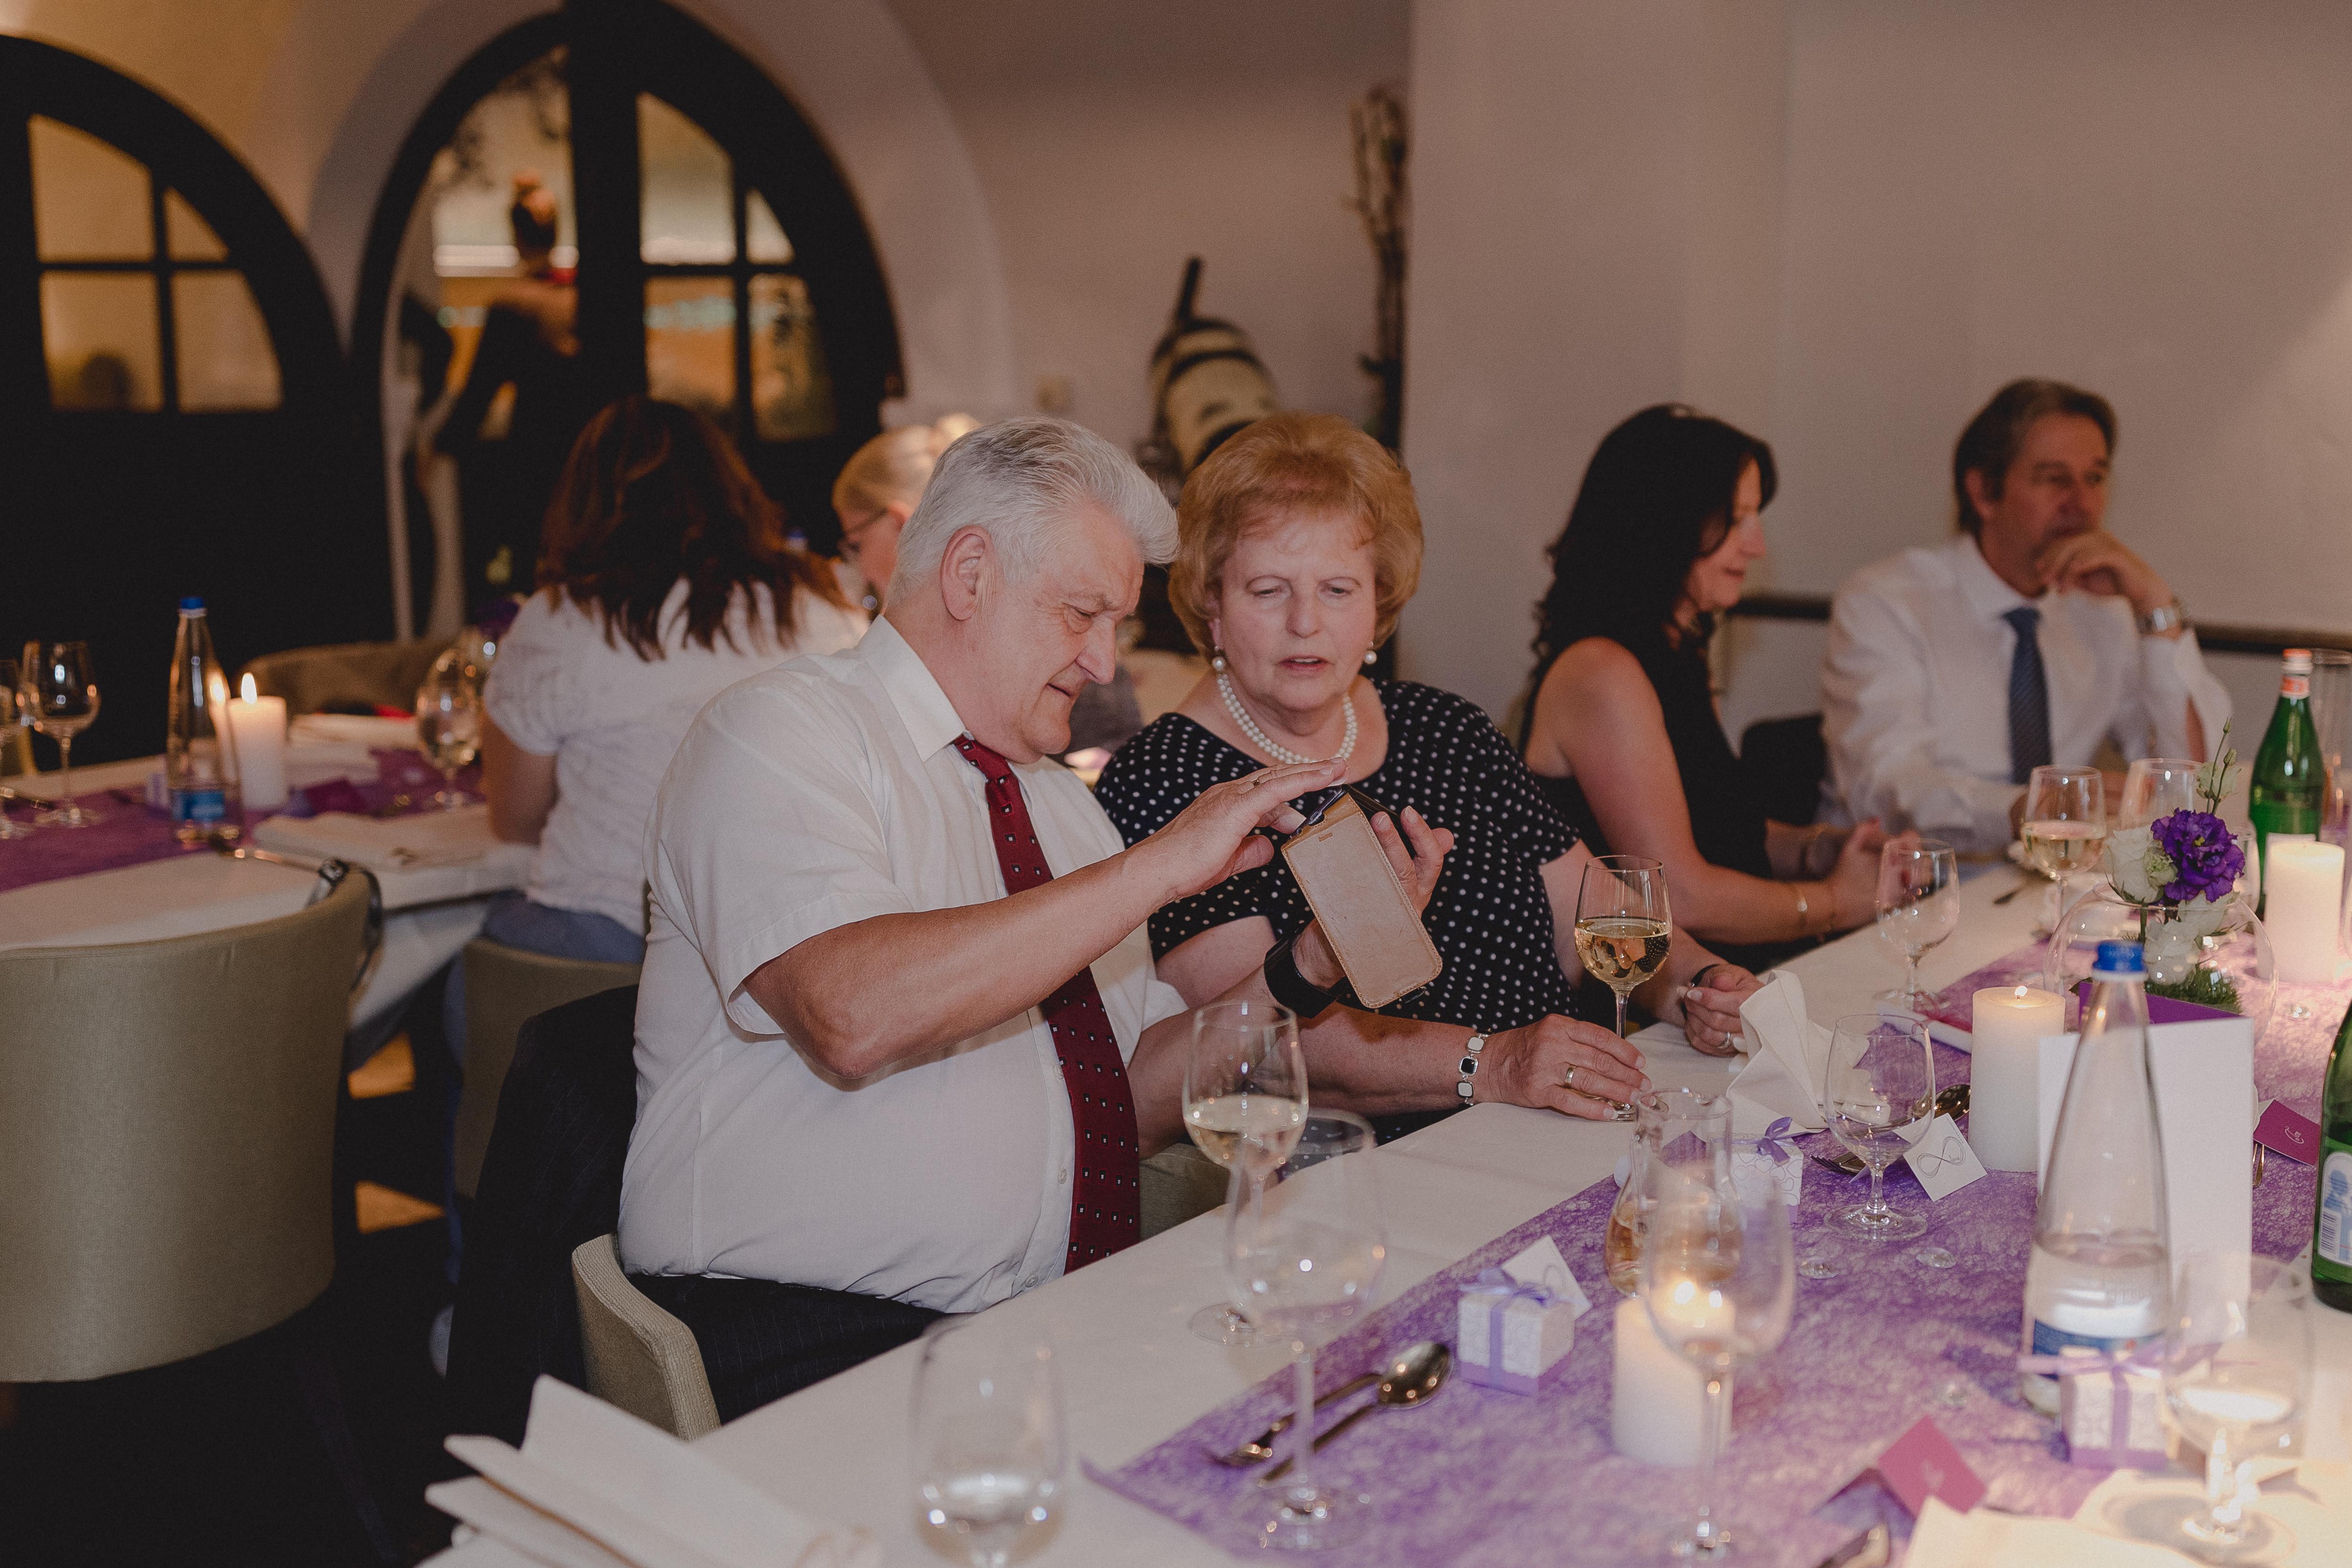 URBANERIE_Daniela_Goth_Vintage_Hochzeitsfotografin_Nuernberg_Fuerth_Erlangen_180519_1261